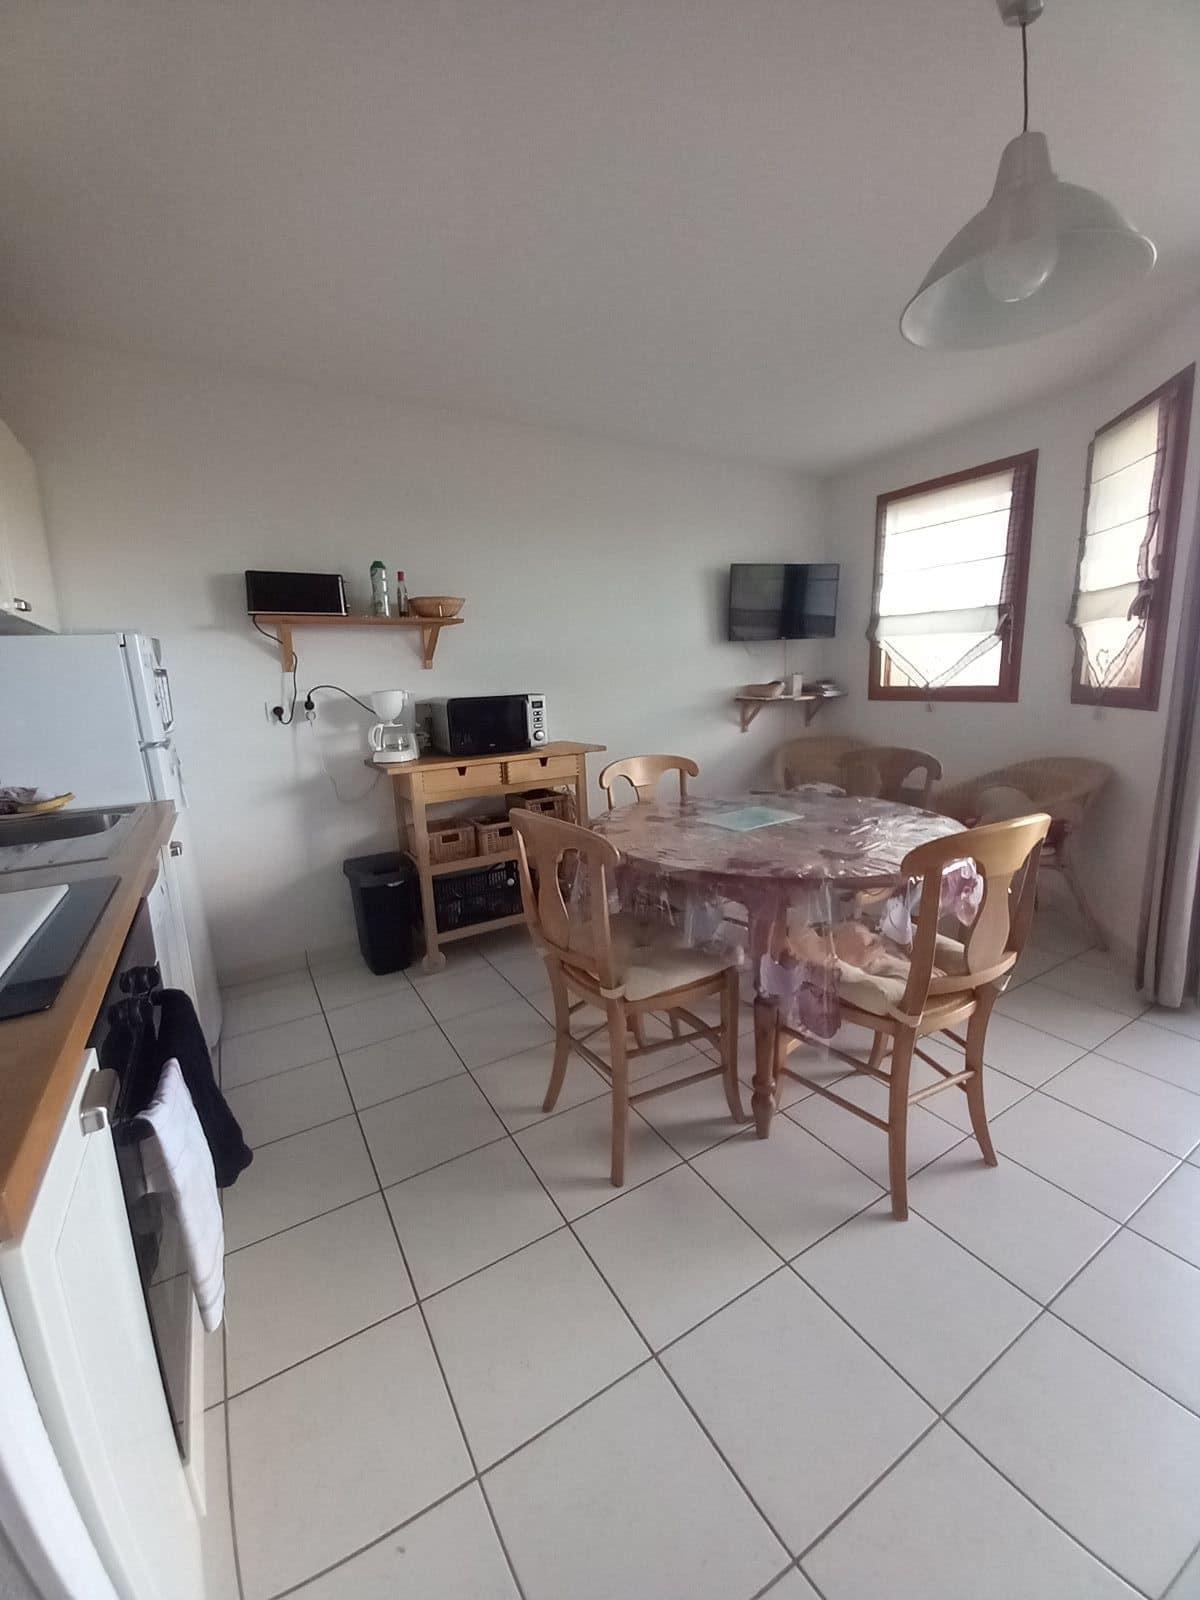 20210705 112306 - SAINT-LEGER-LES-MELEZES T2 DE 42 m² (4 COUCHAGES) AVEC JARDIN